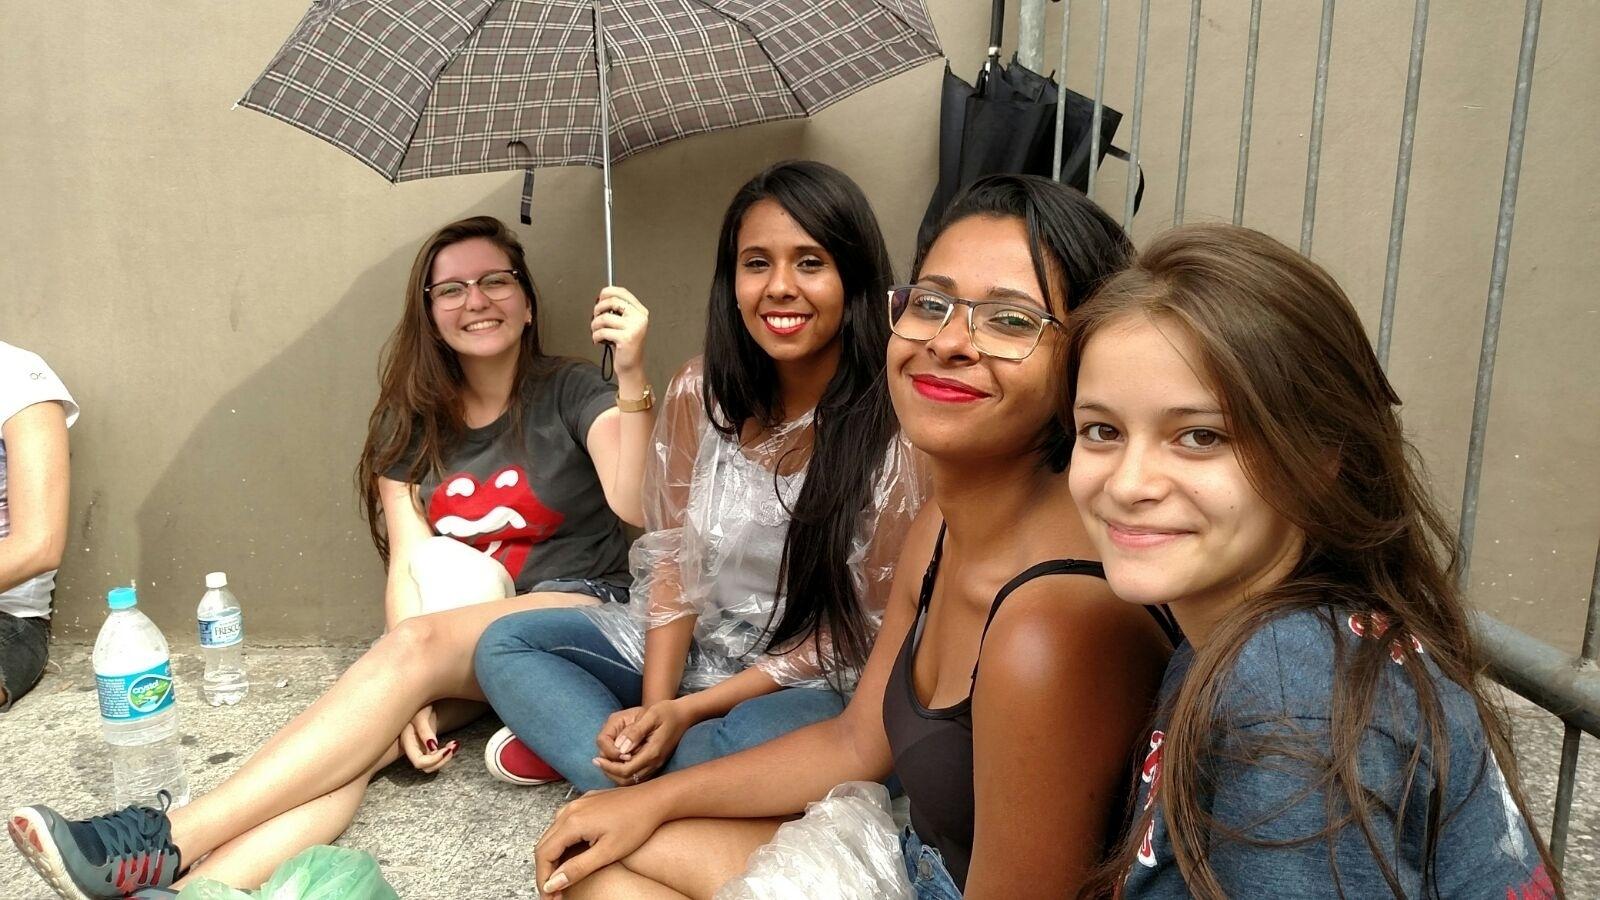 27.fev.2016 - As amigas Andressa Ferro, 21, Beatriz Matos, 23, Bianca Matos, 22, Nathalia Rodrigues,18, estão desde sexta-feira às 20h na fila para assistir ao segundo show dos Rolling Stones em São Paulo. Elas são as primeiras da Pista Premium